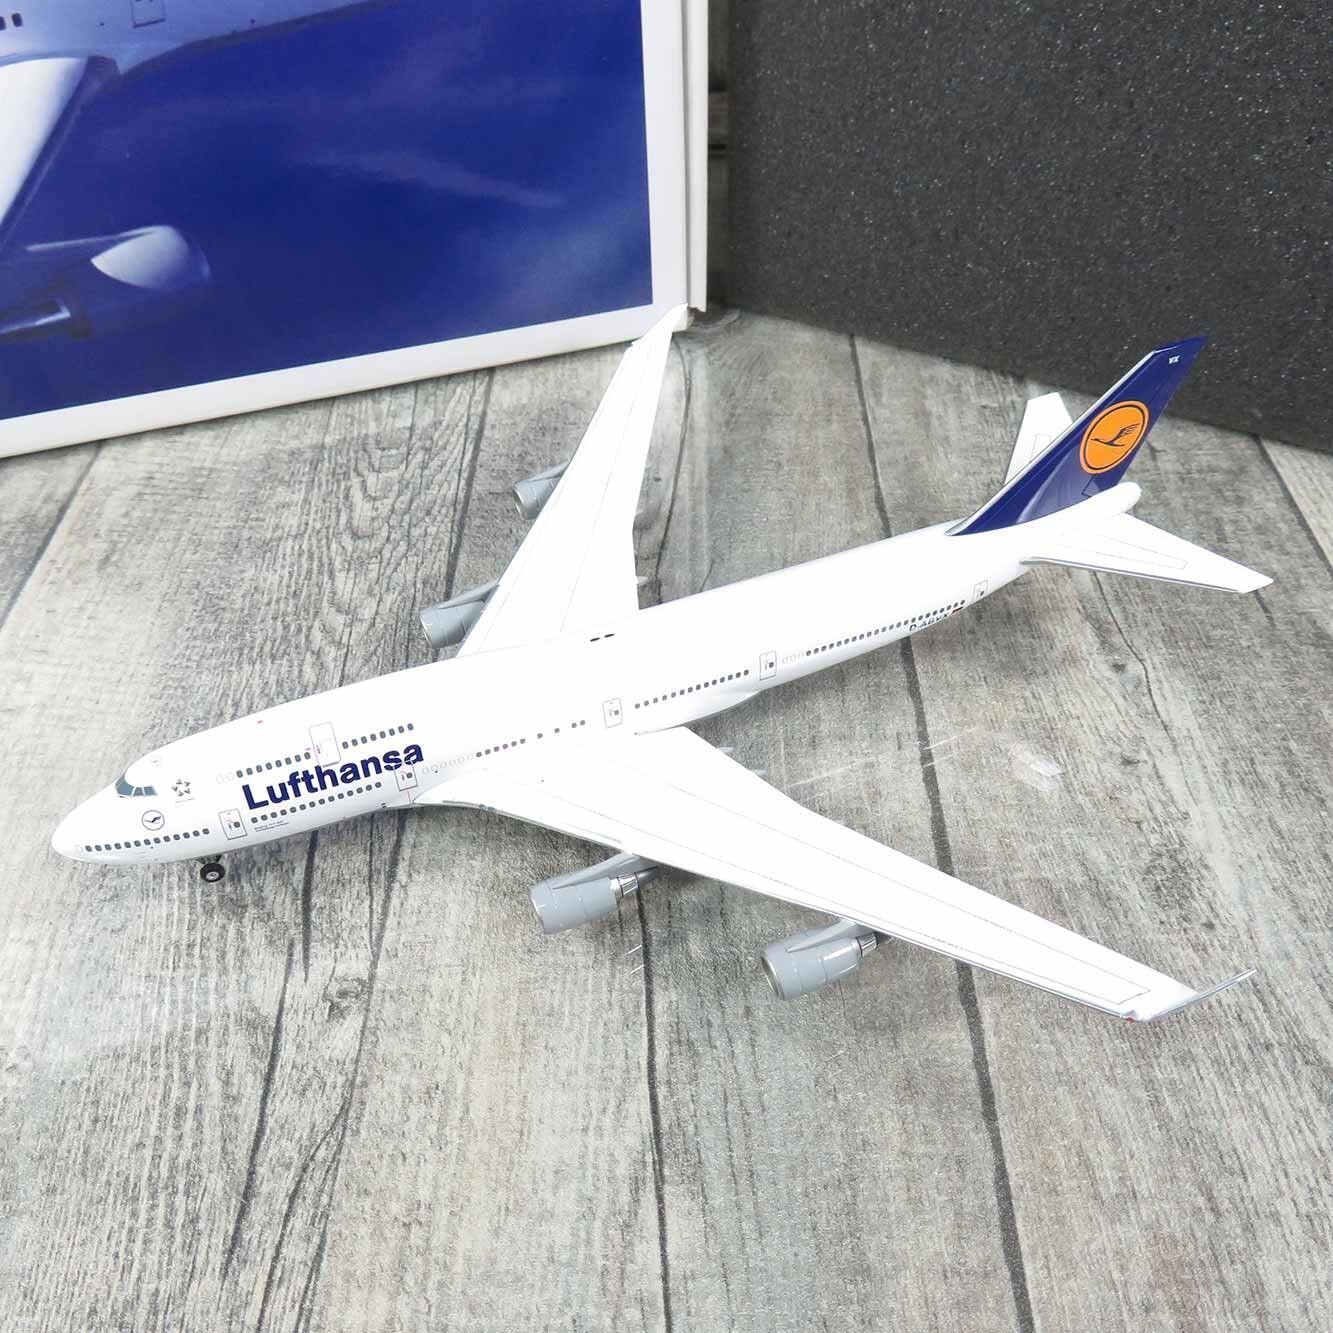 Herpa 362580 - 1 300 - Lufthansa Boeing 747-400- OVP - Z14722